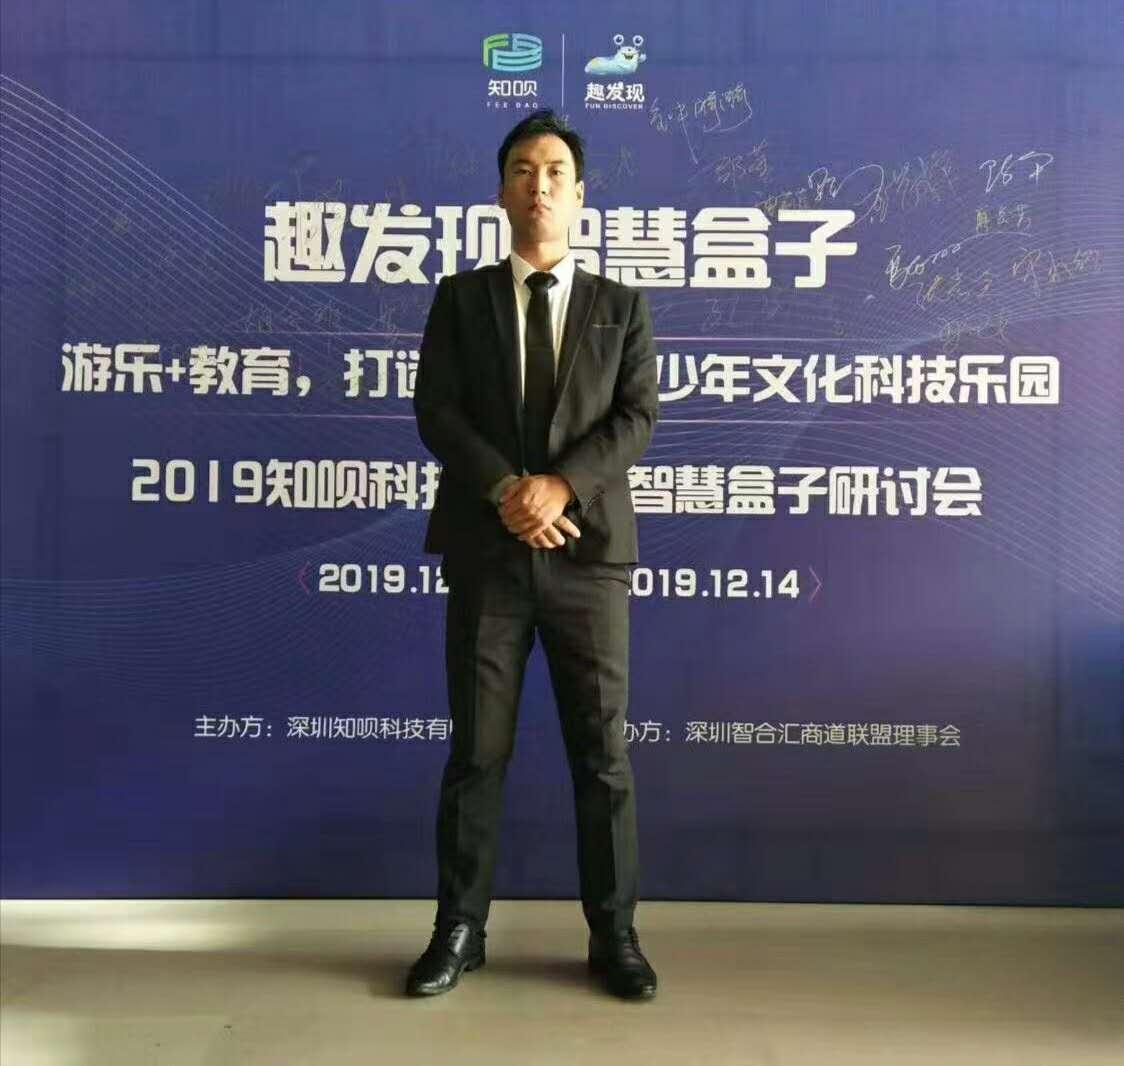 2019知呗科技趣发现智慧盒子研讨会保安护卫